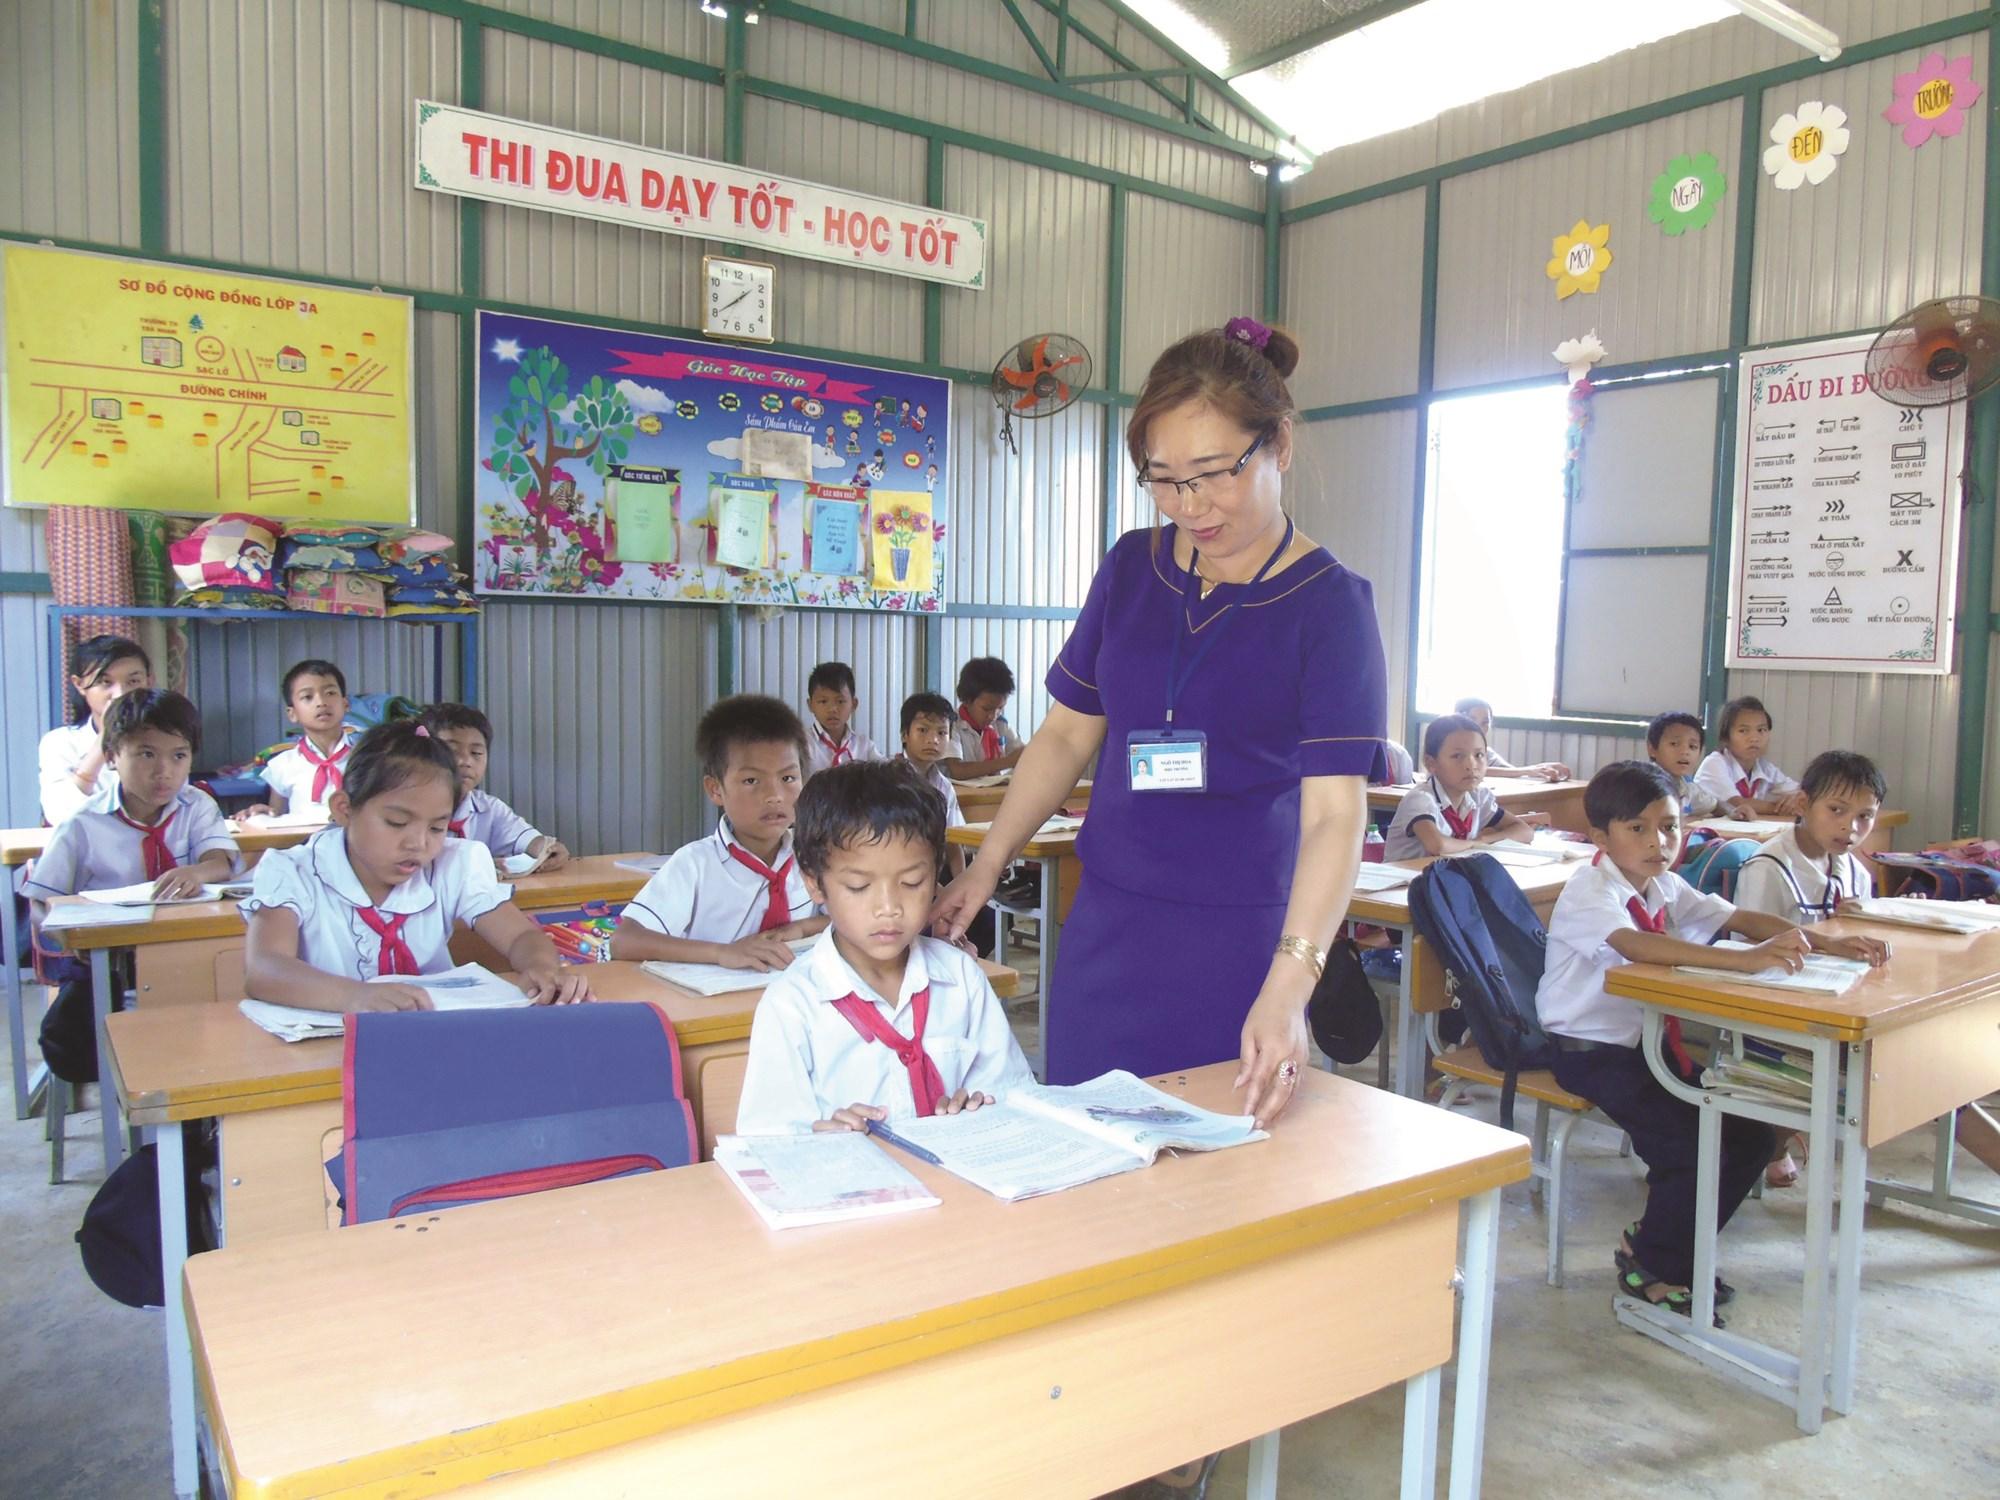 Cô Ngô Thị Hoa trong lớp học do chính mình vận động xây dựng